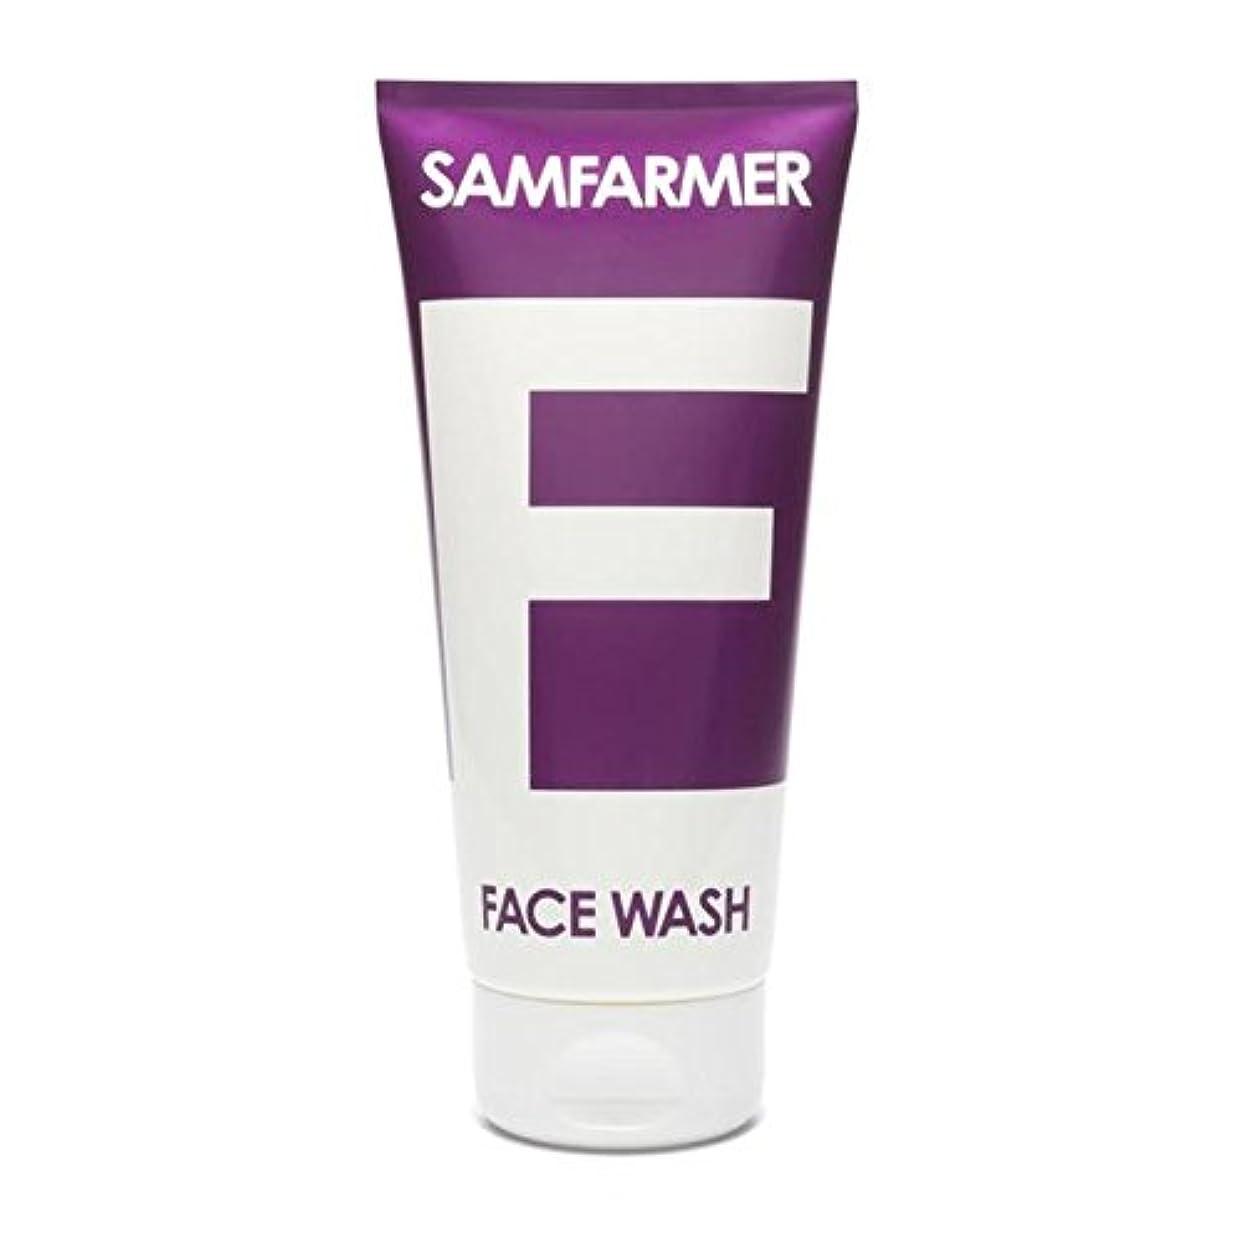 側離婚早いユニセックスフェイスウォッシュ200ミリリットル x2 - SAMFARMER Unisex Face Wash 200ml (Pack of 2) [並行輸入品]